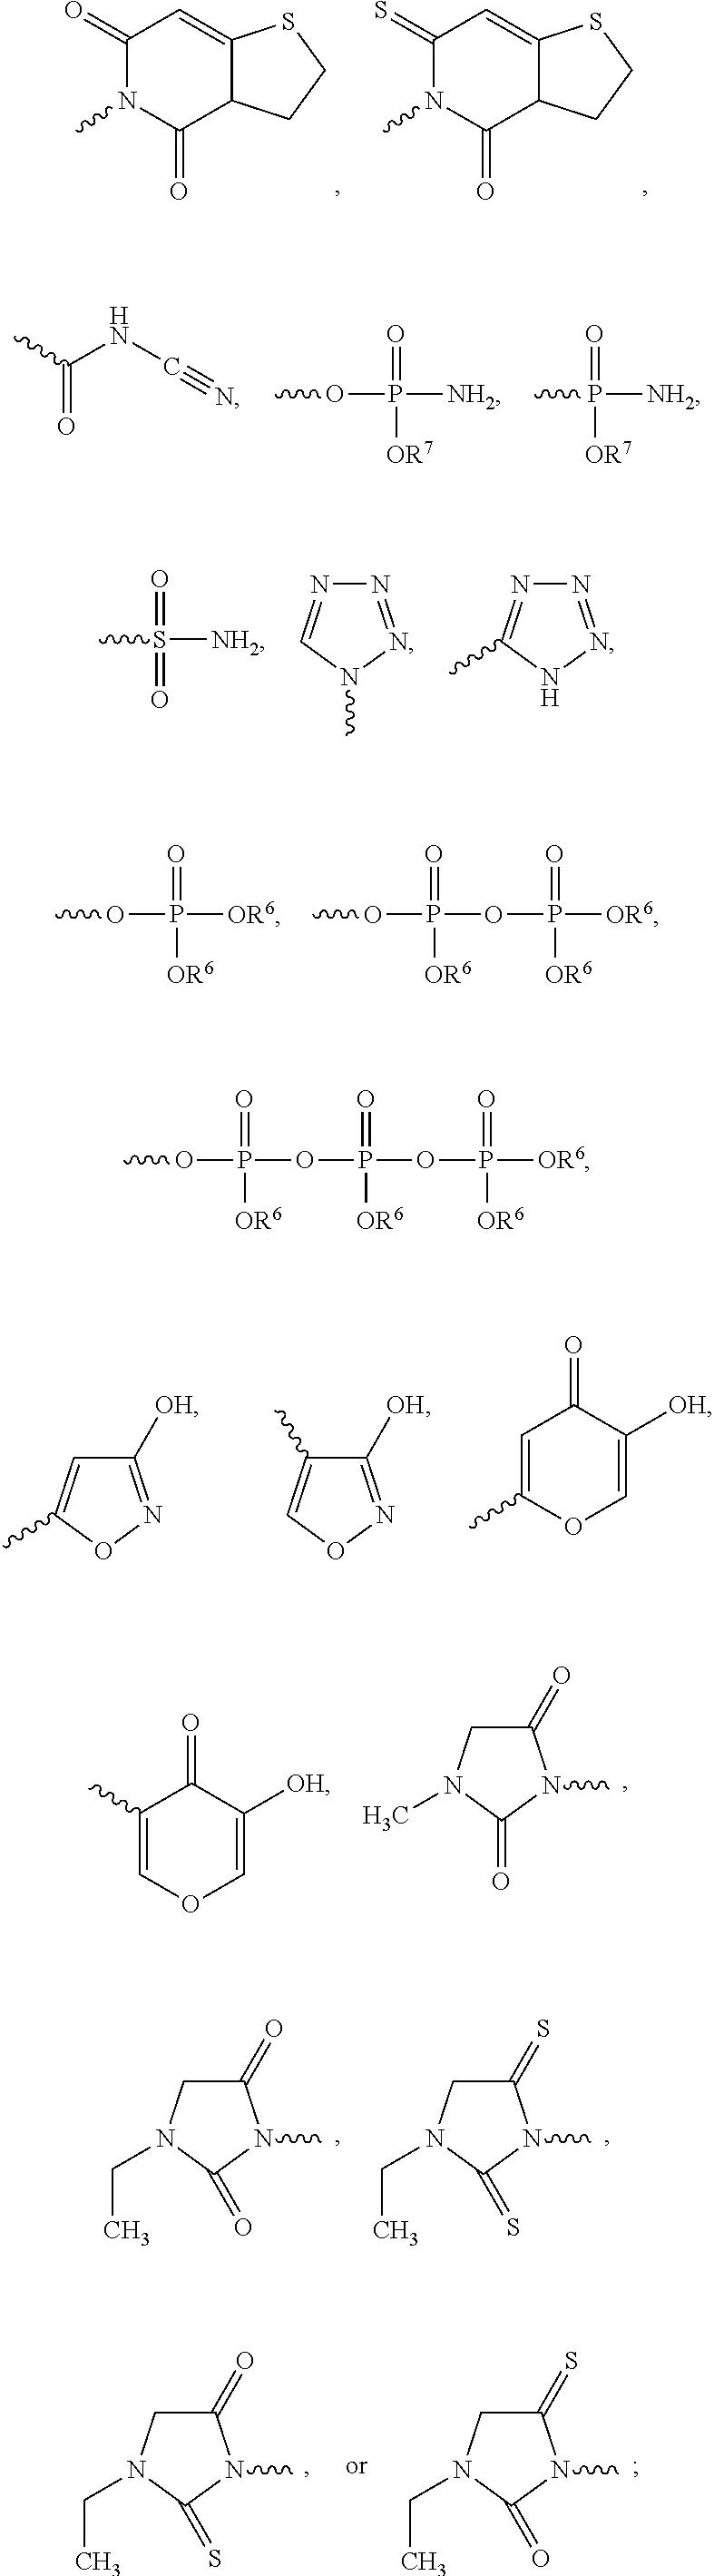 Figure US09855240-20180102-C00027